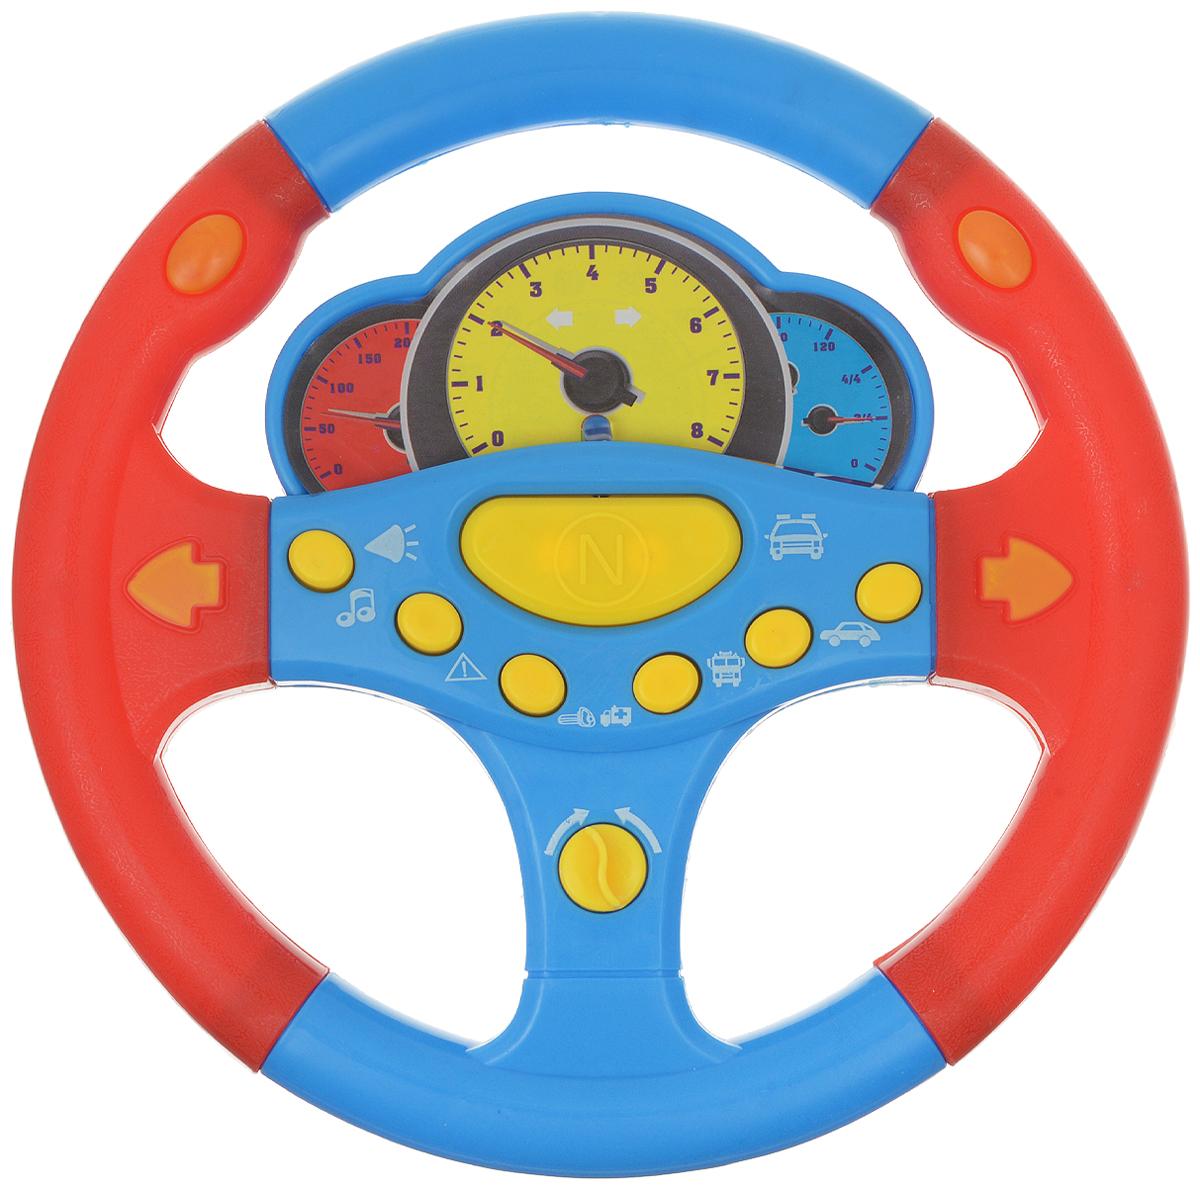 ABtoys Игрушечный музыкальный руль цвет голубой красный abtoys игрушечный музыкальный руль цвет черный желтый красный